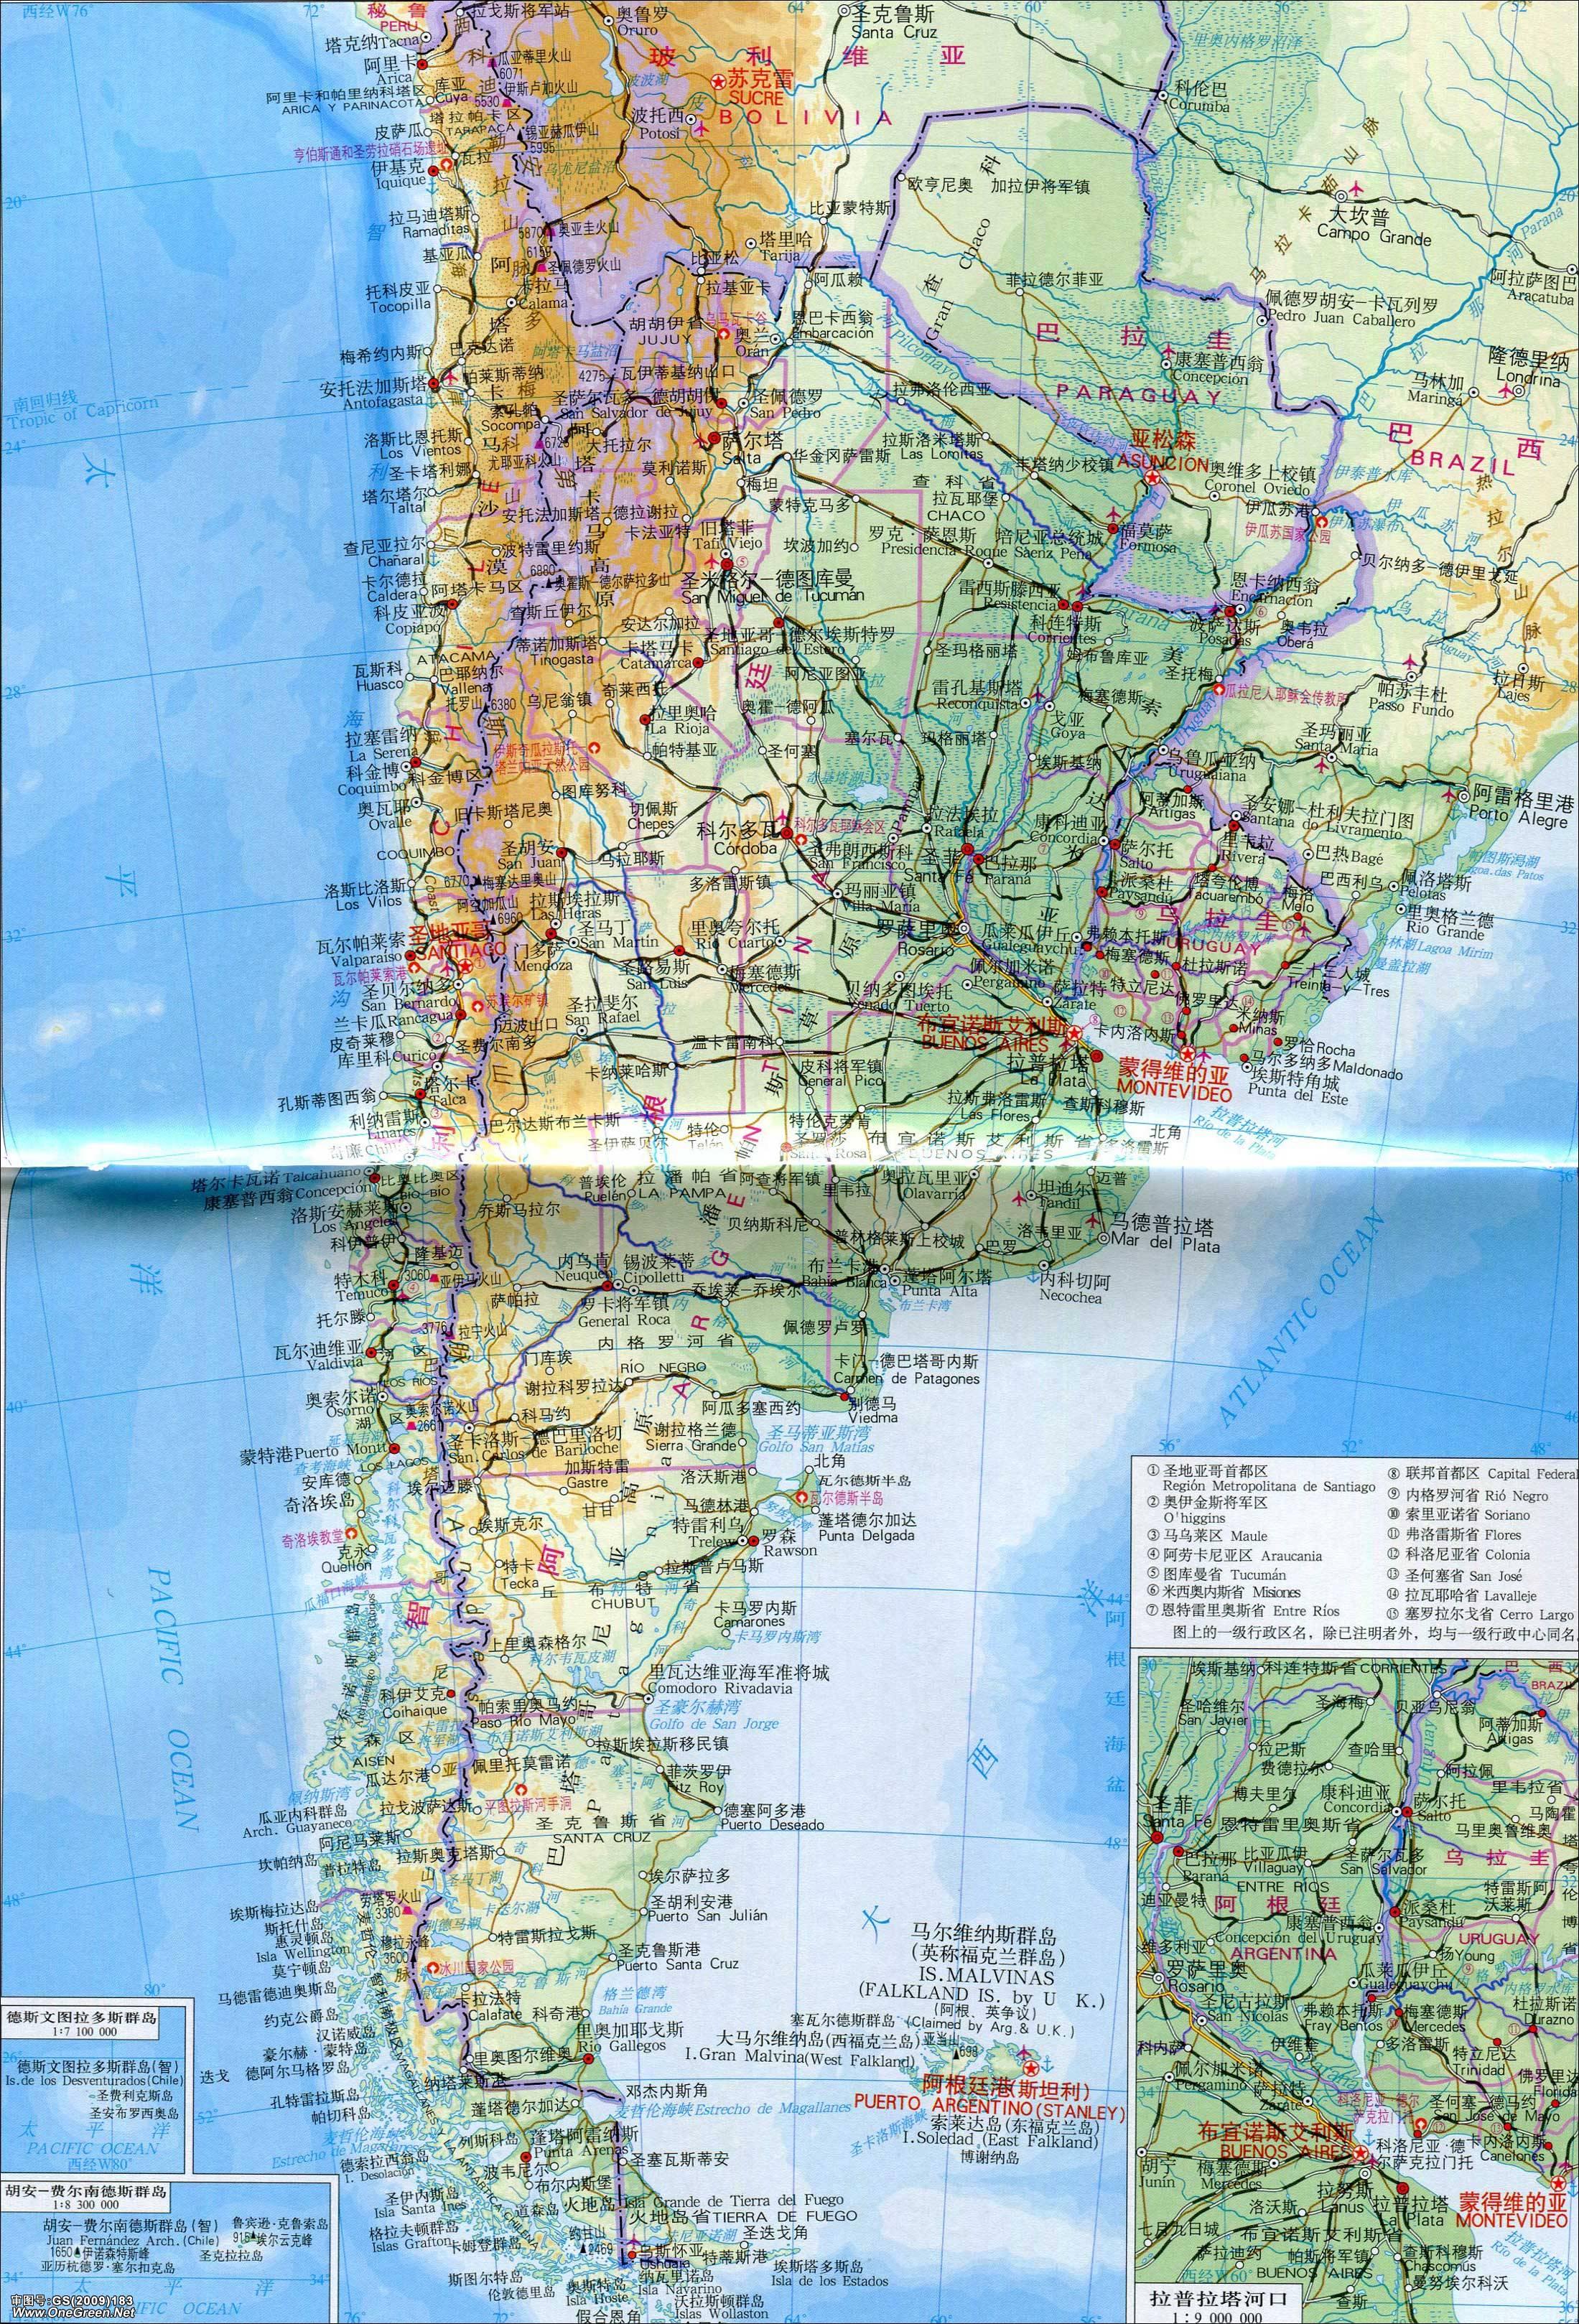 巴拉圭历史地图_乌拉圭地形图_乌拉圭地图库_地图窝